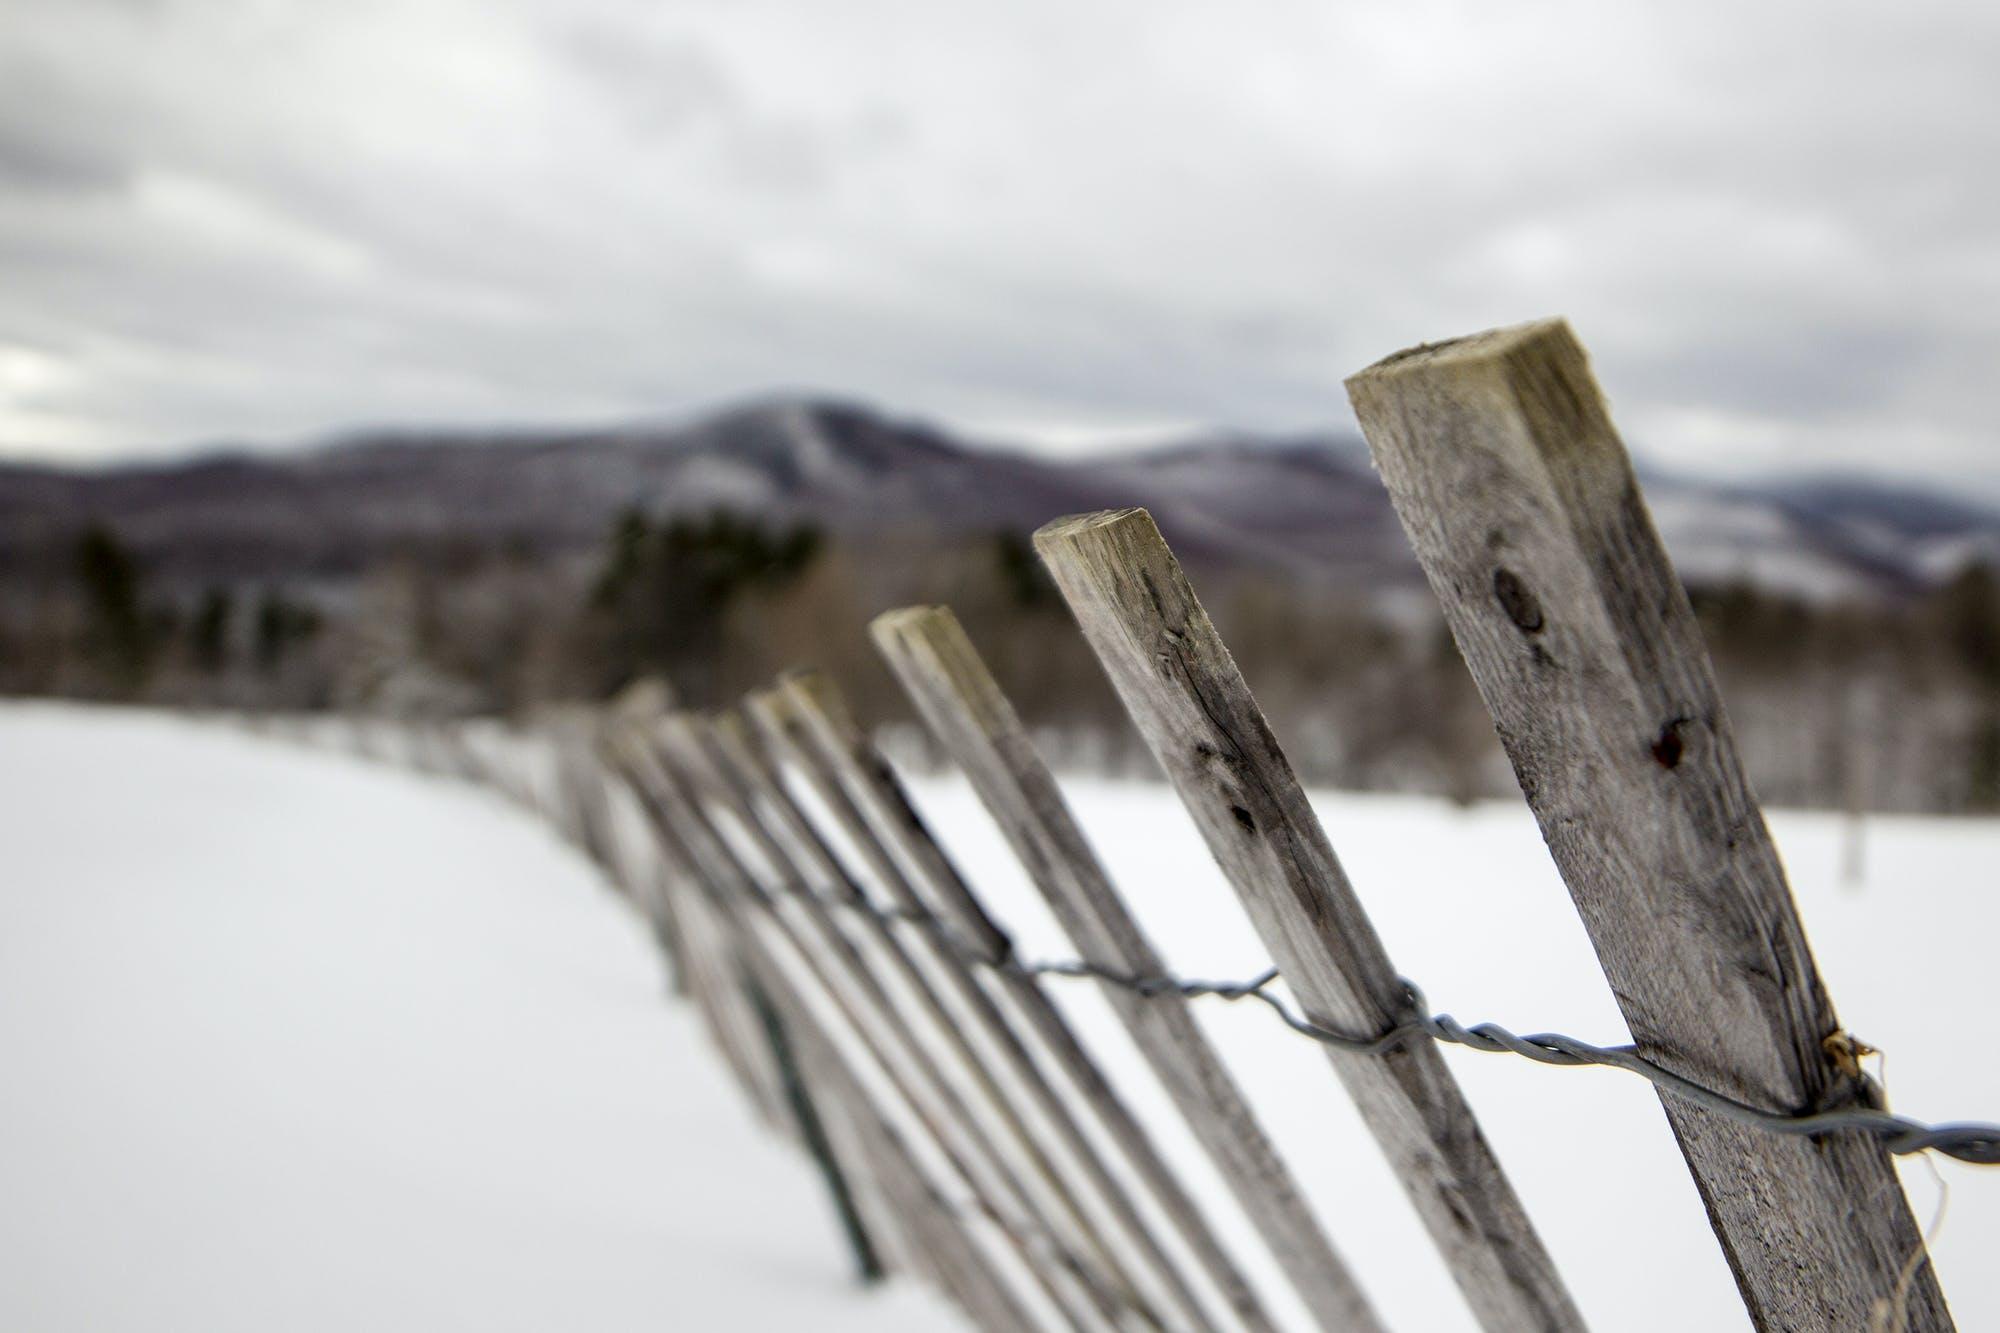 バーモント州, ファーム, フェンス, 冬の無料の写真素材